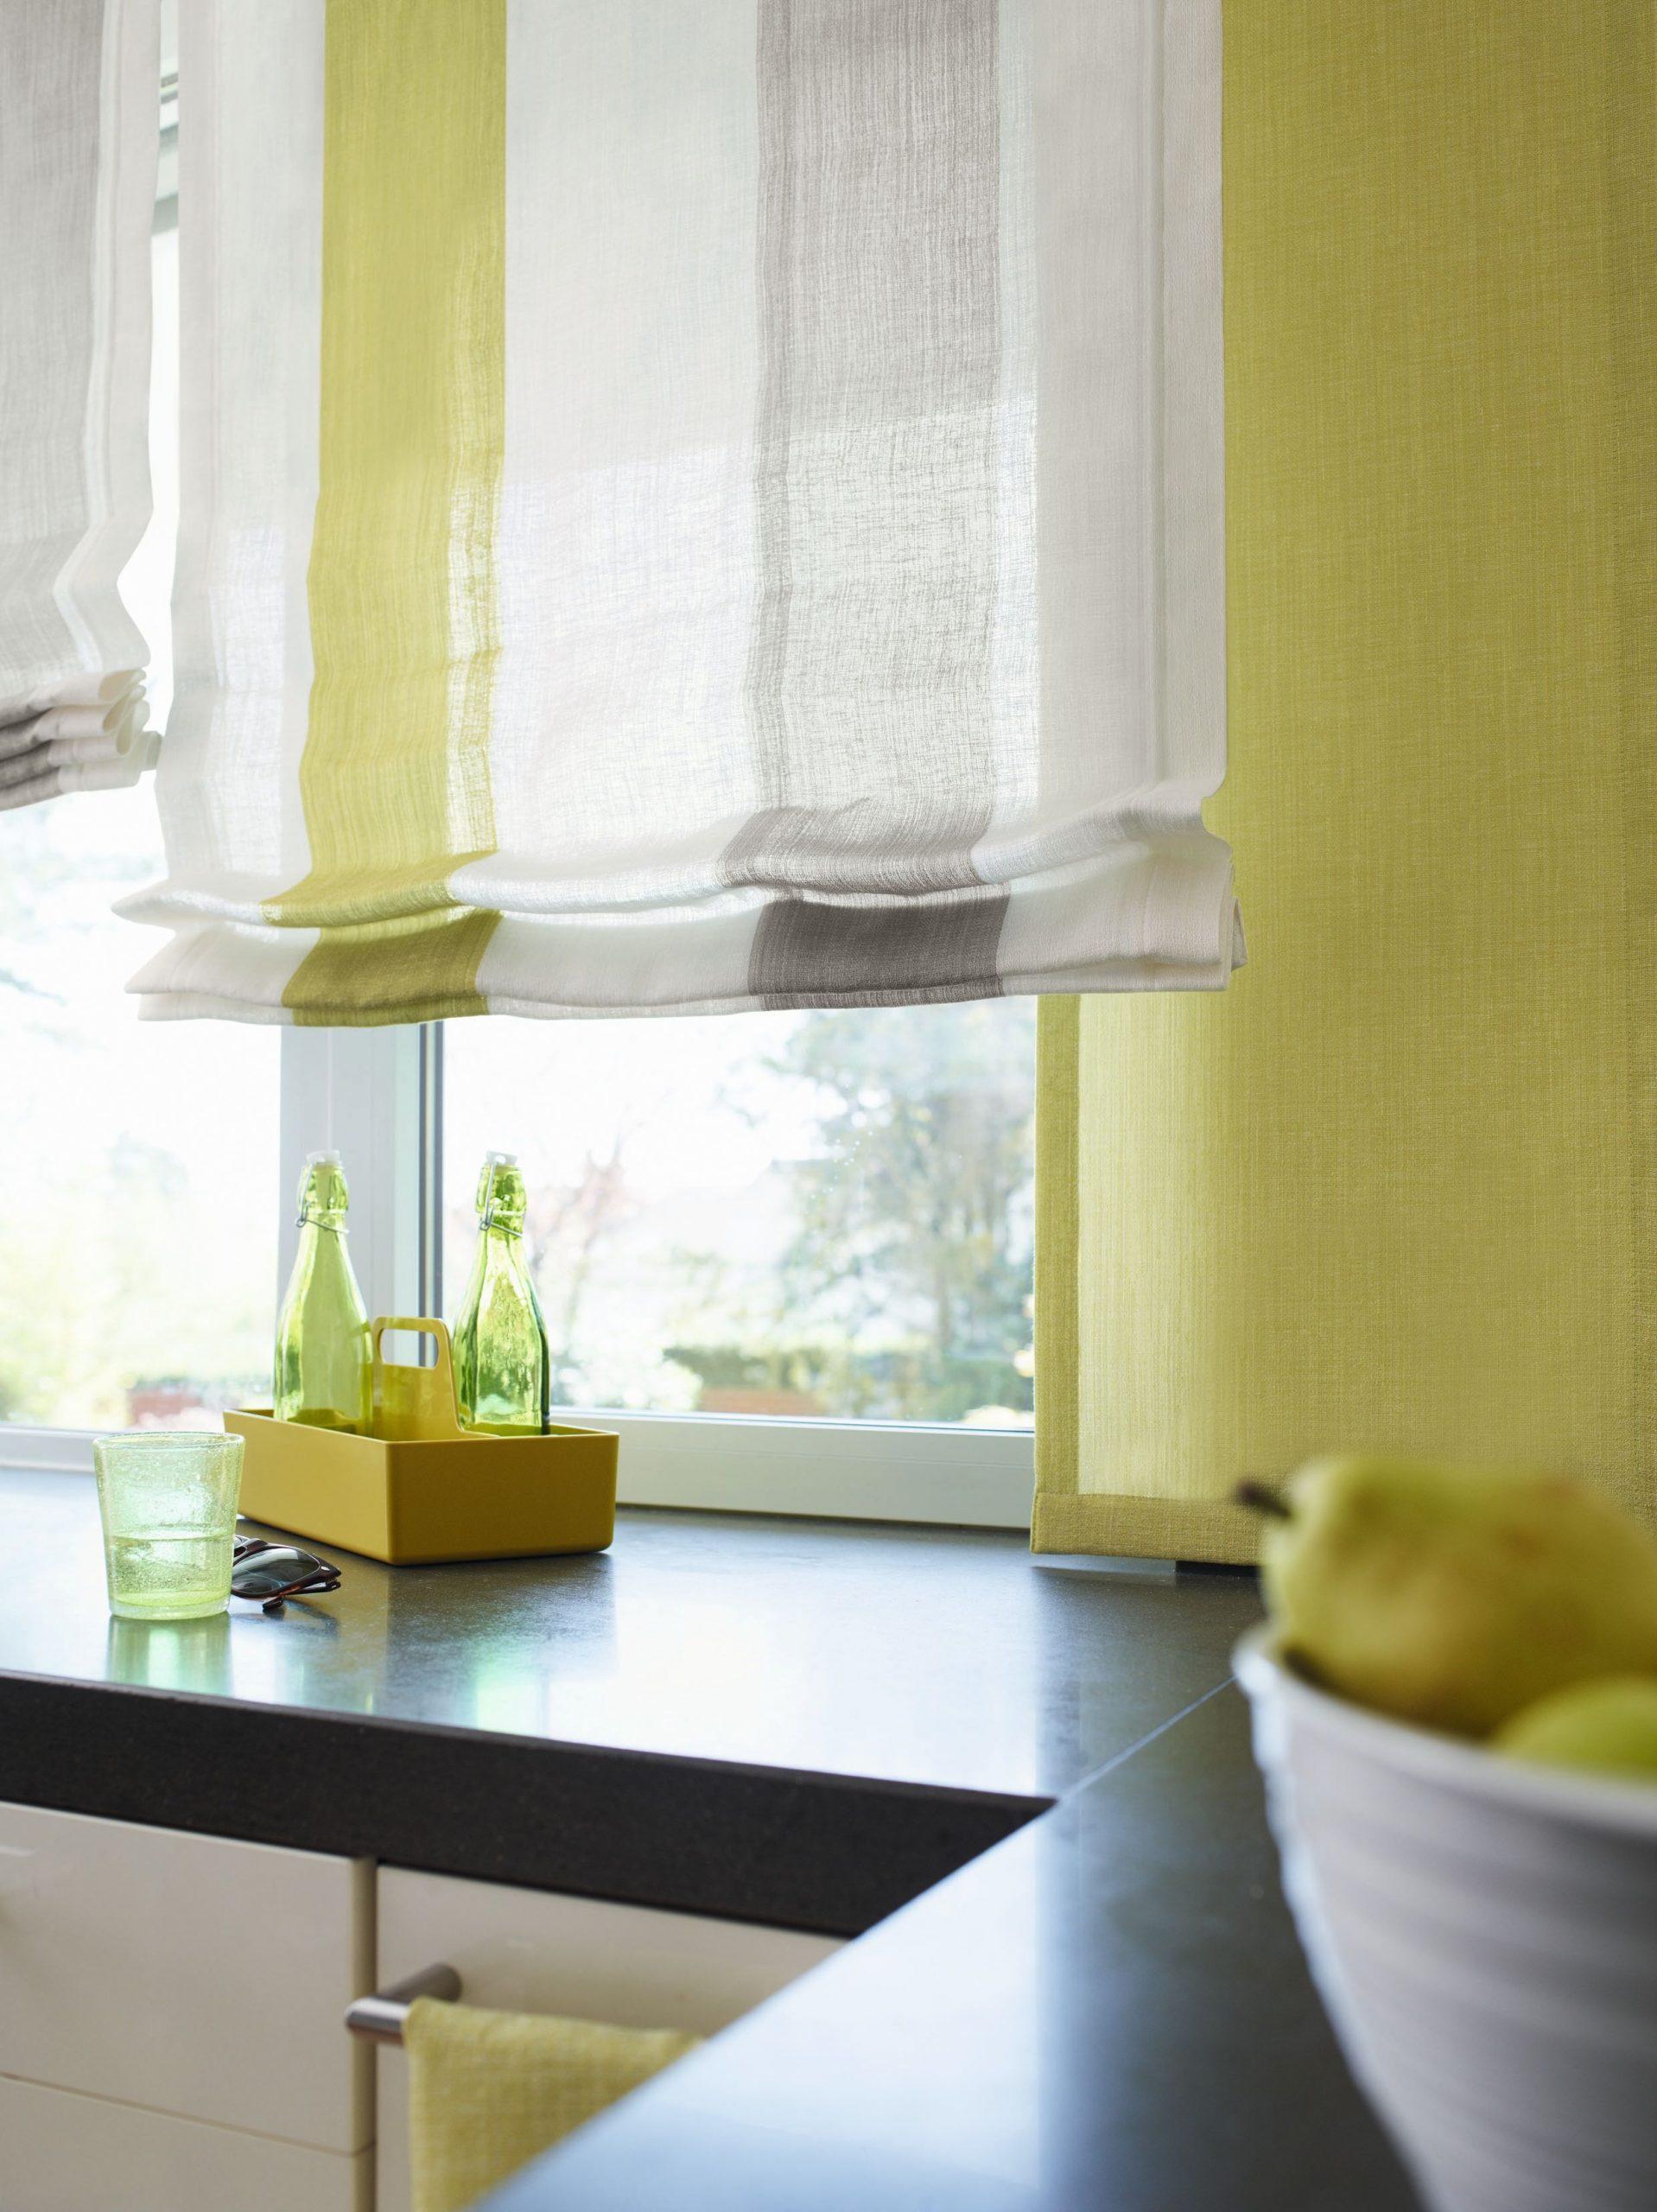 Full Size of Raffrollo Mit Schlaufen Modern Kche Kaffee Beige Grn Fliesenspiegel Deckenlampen Wohnzimmer Eckküche Elektrogeräten Küche Günstig Moderne Duschen Fenster Wohnzimmer Raffrollo Mit Schlaufen Modern